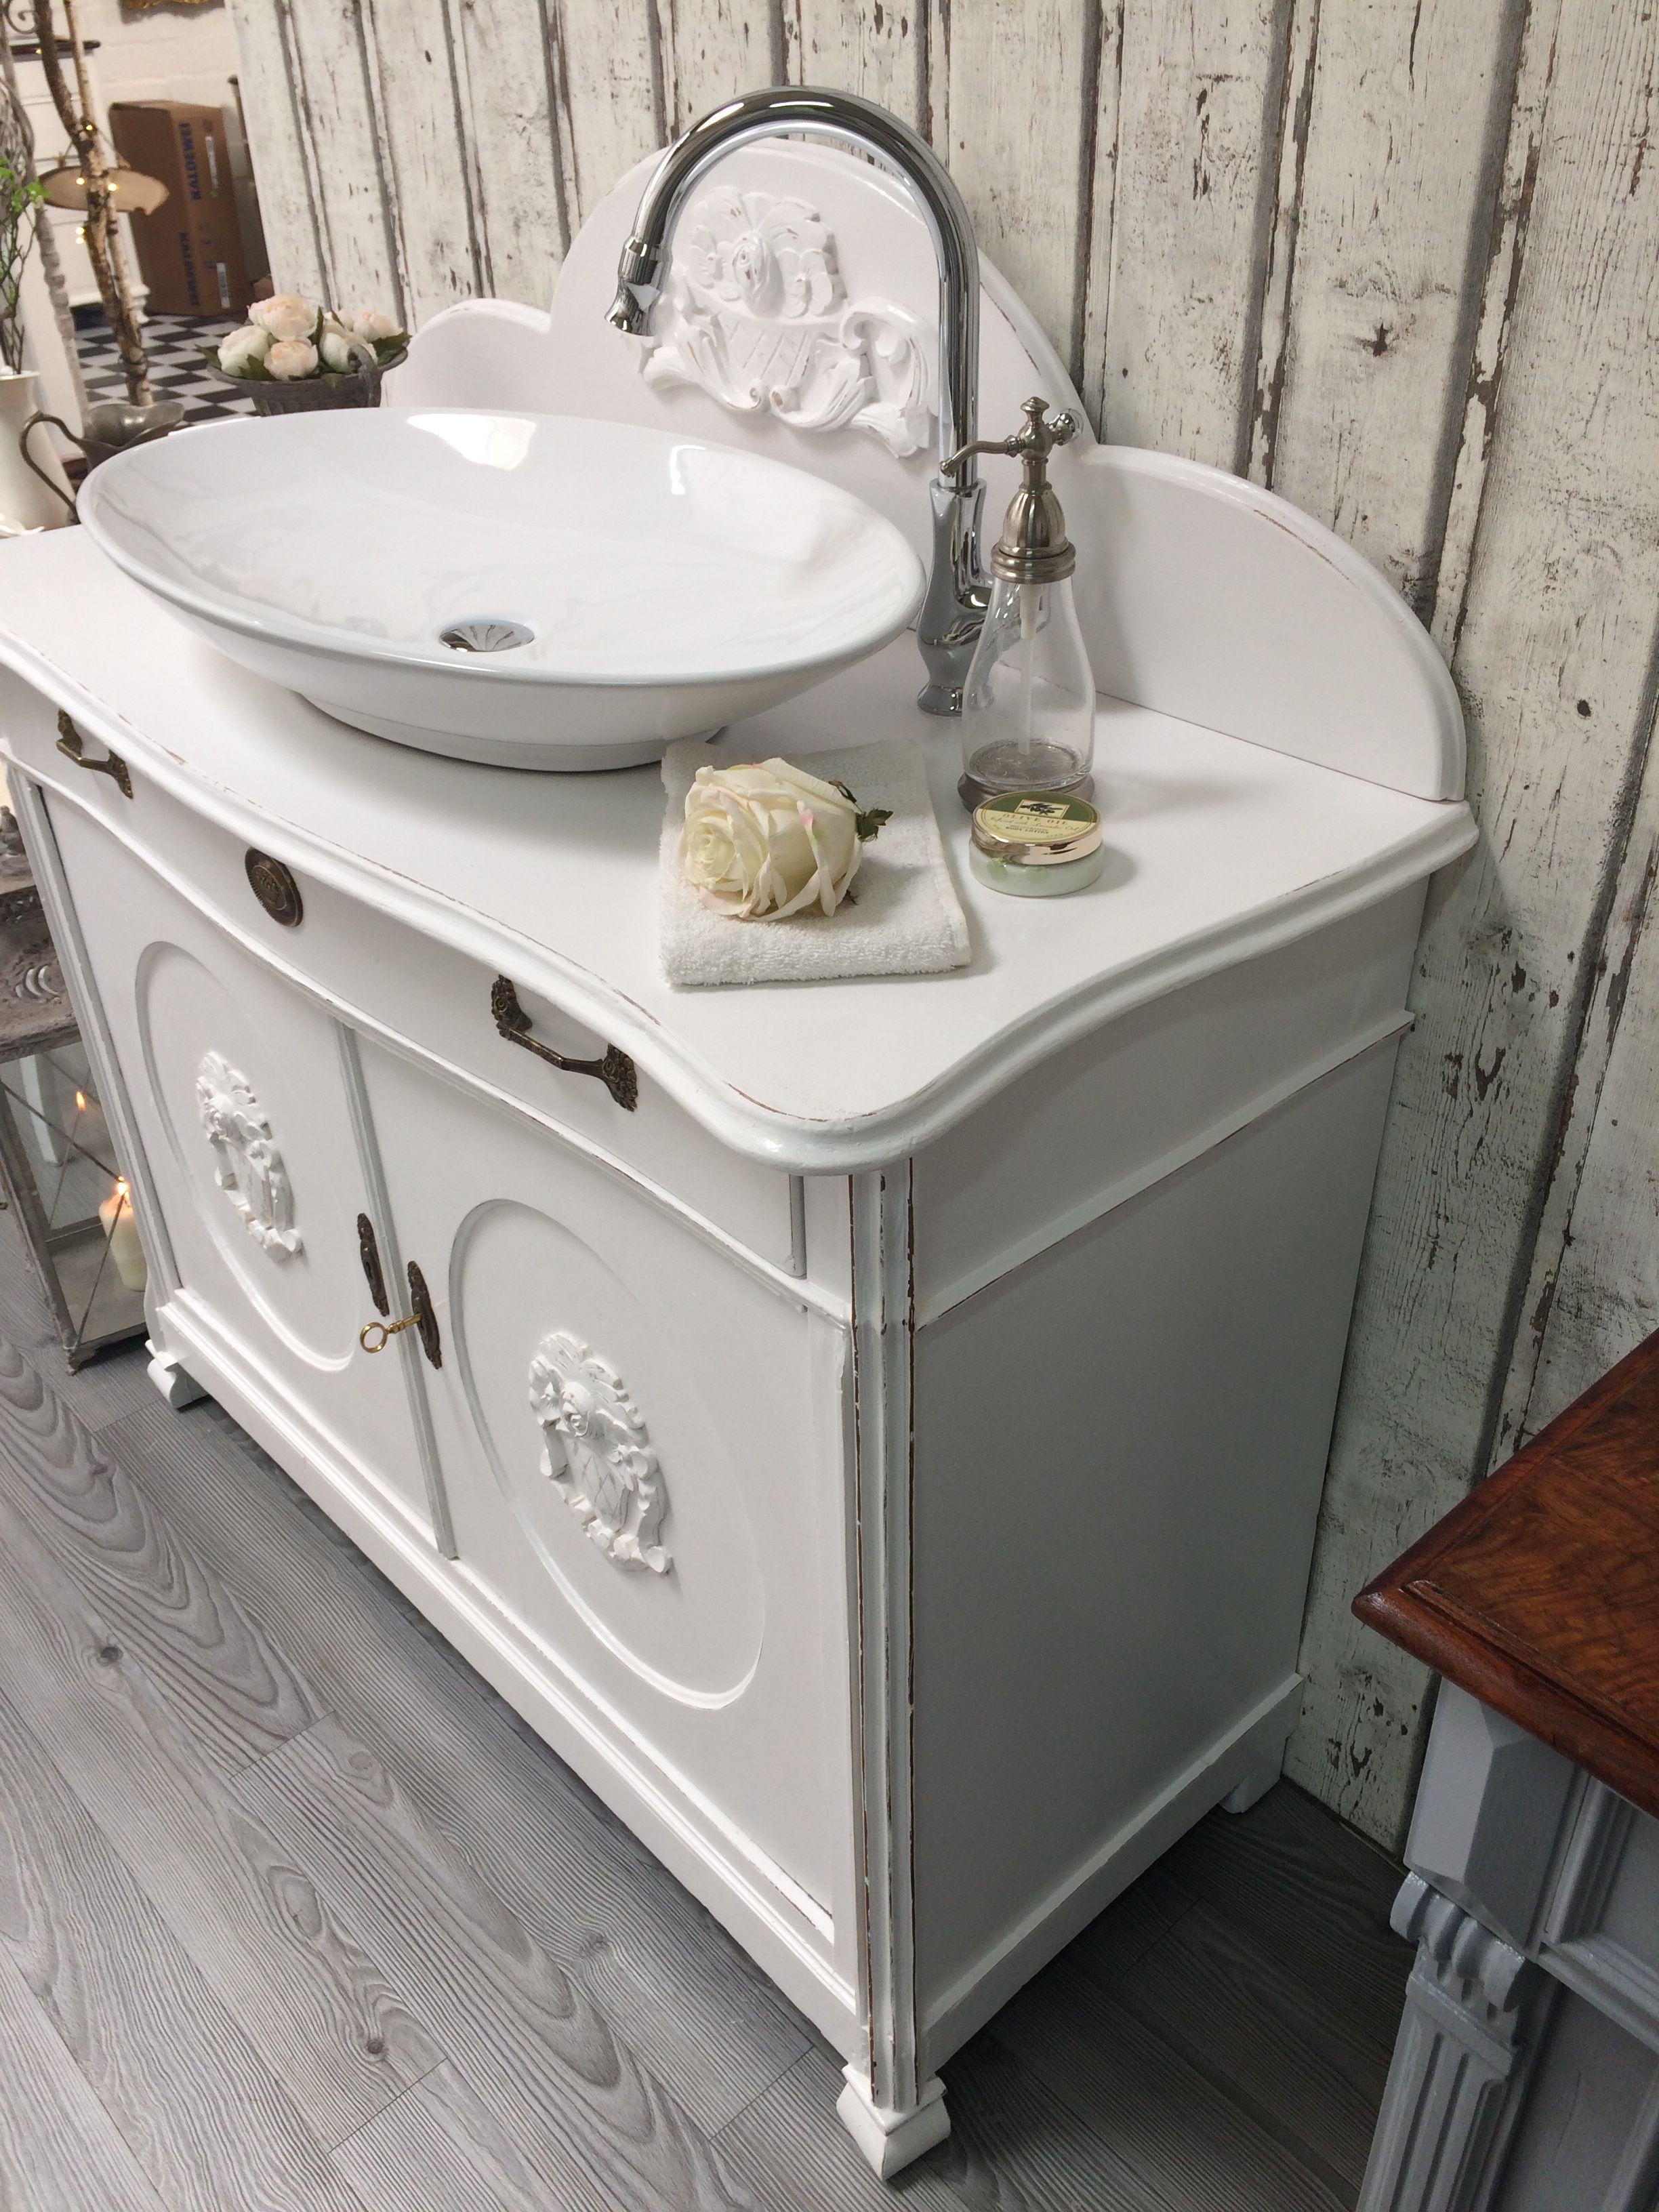 Land Liebe Badmobel Romantischer Waschtisch So Eine Waschkommode Verwandelt Jedes Badezimmer In Ein Shabby Chic Zimmer Shabby Chic Badezimmer Waschtisch